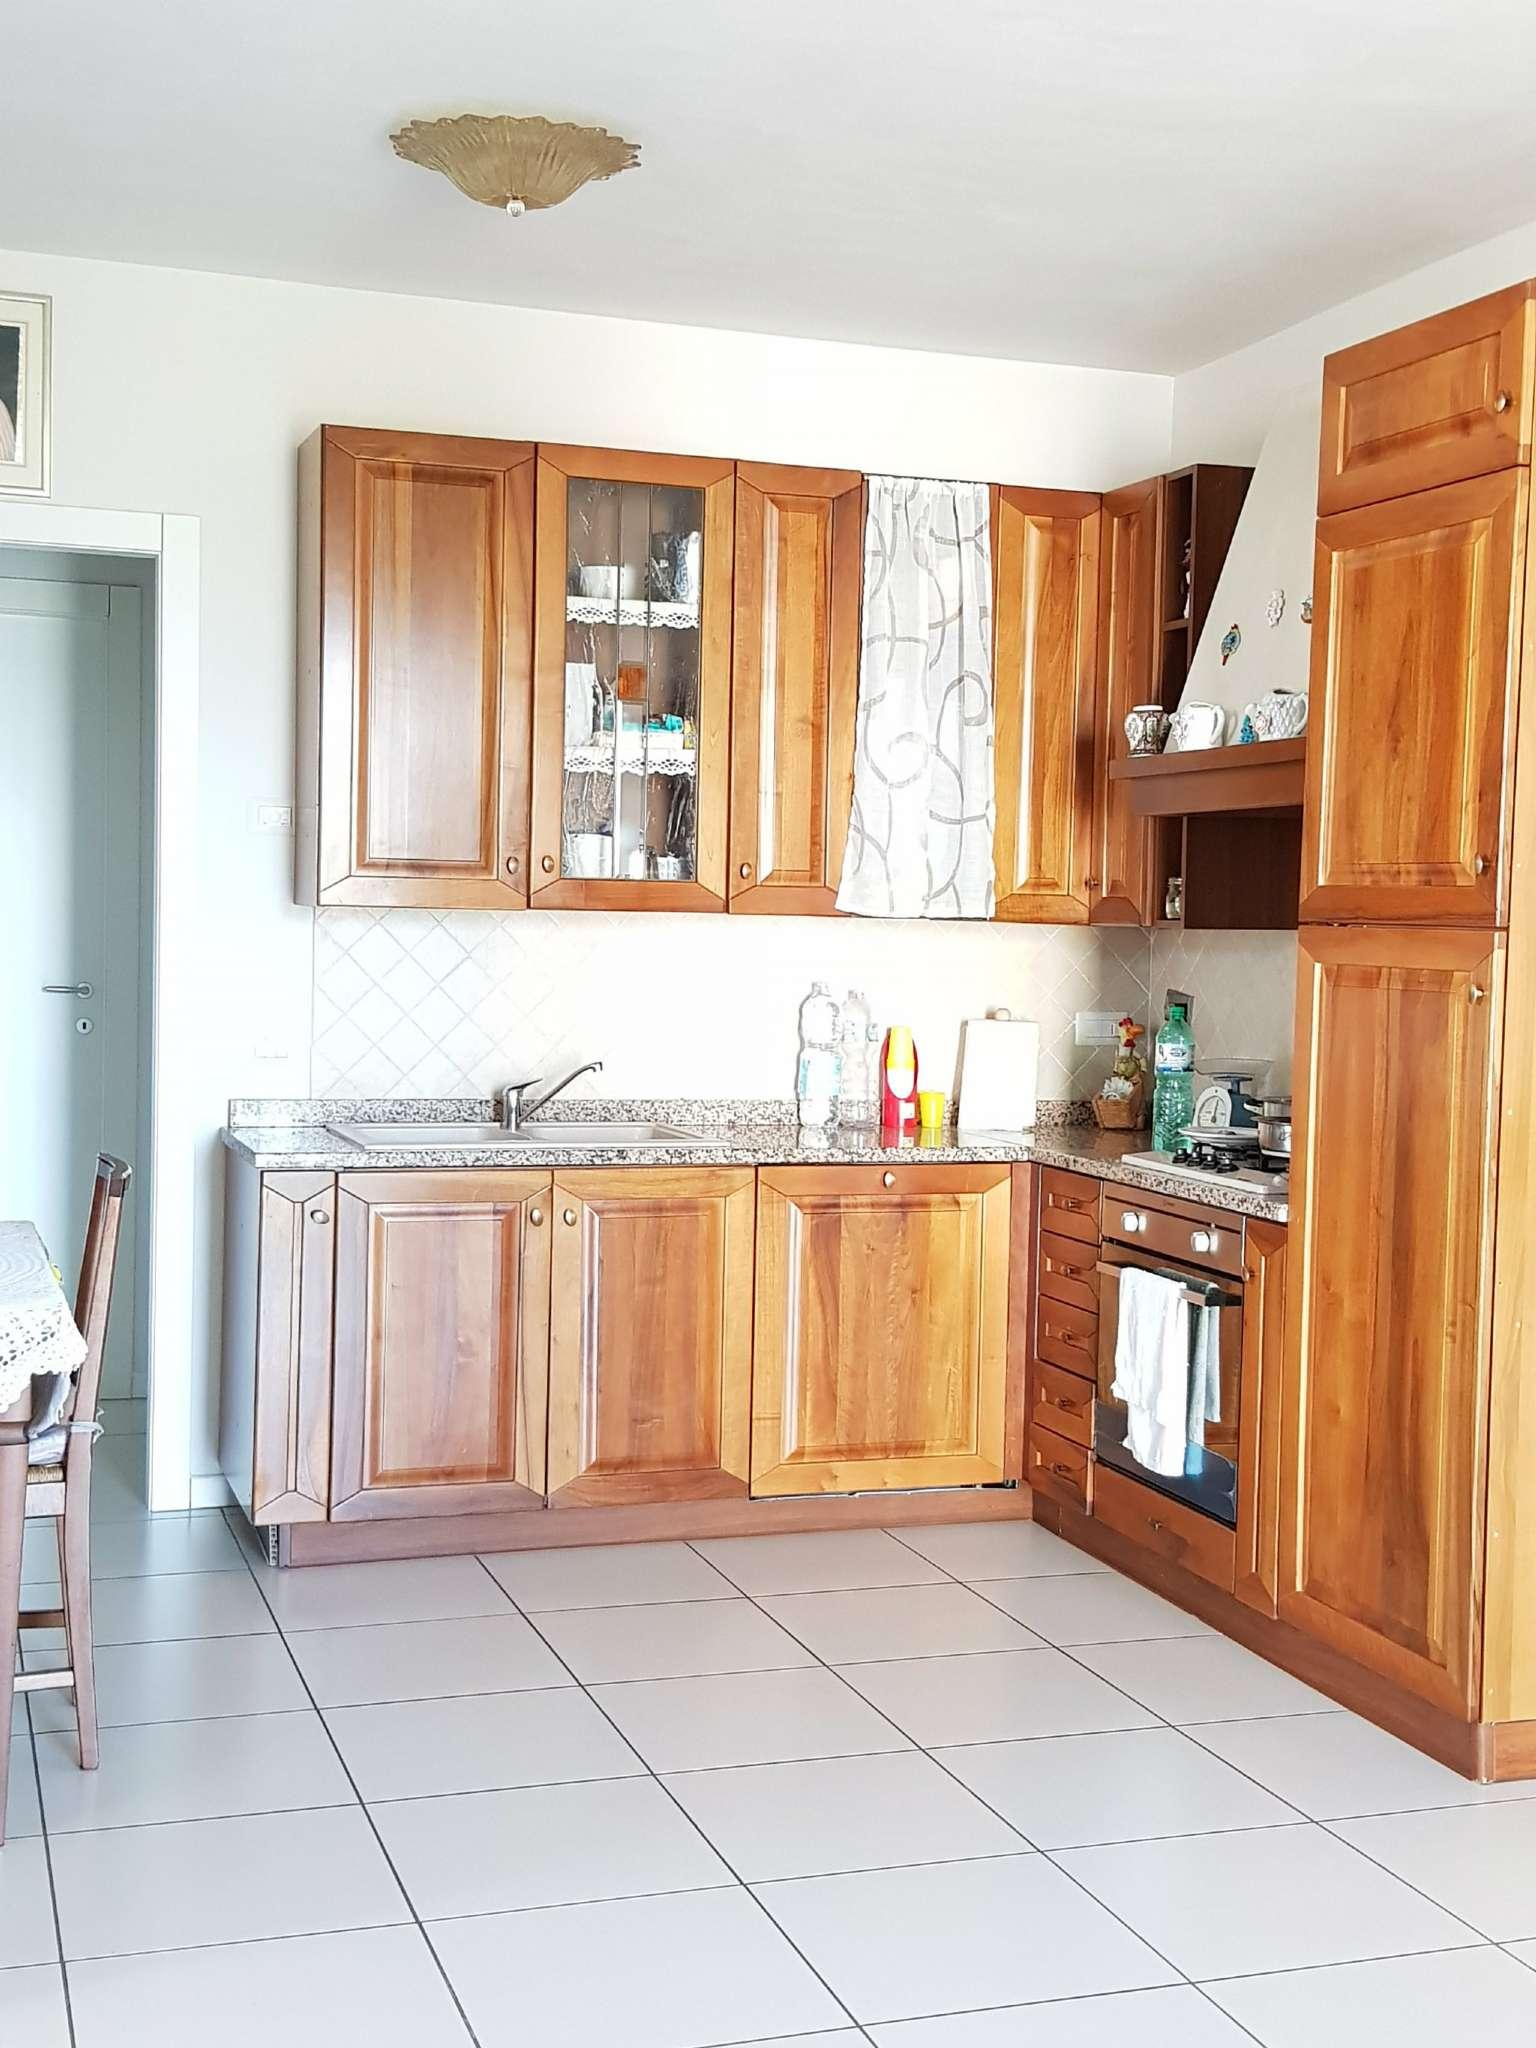 Appartamento in vendita a Montemurlo, 2 locali, prezzo € 150.000 | CambioCasa.it